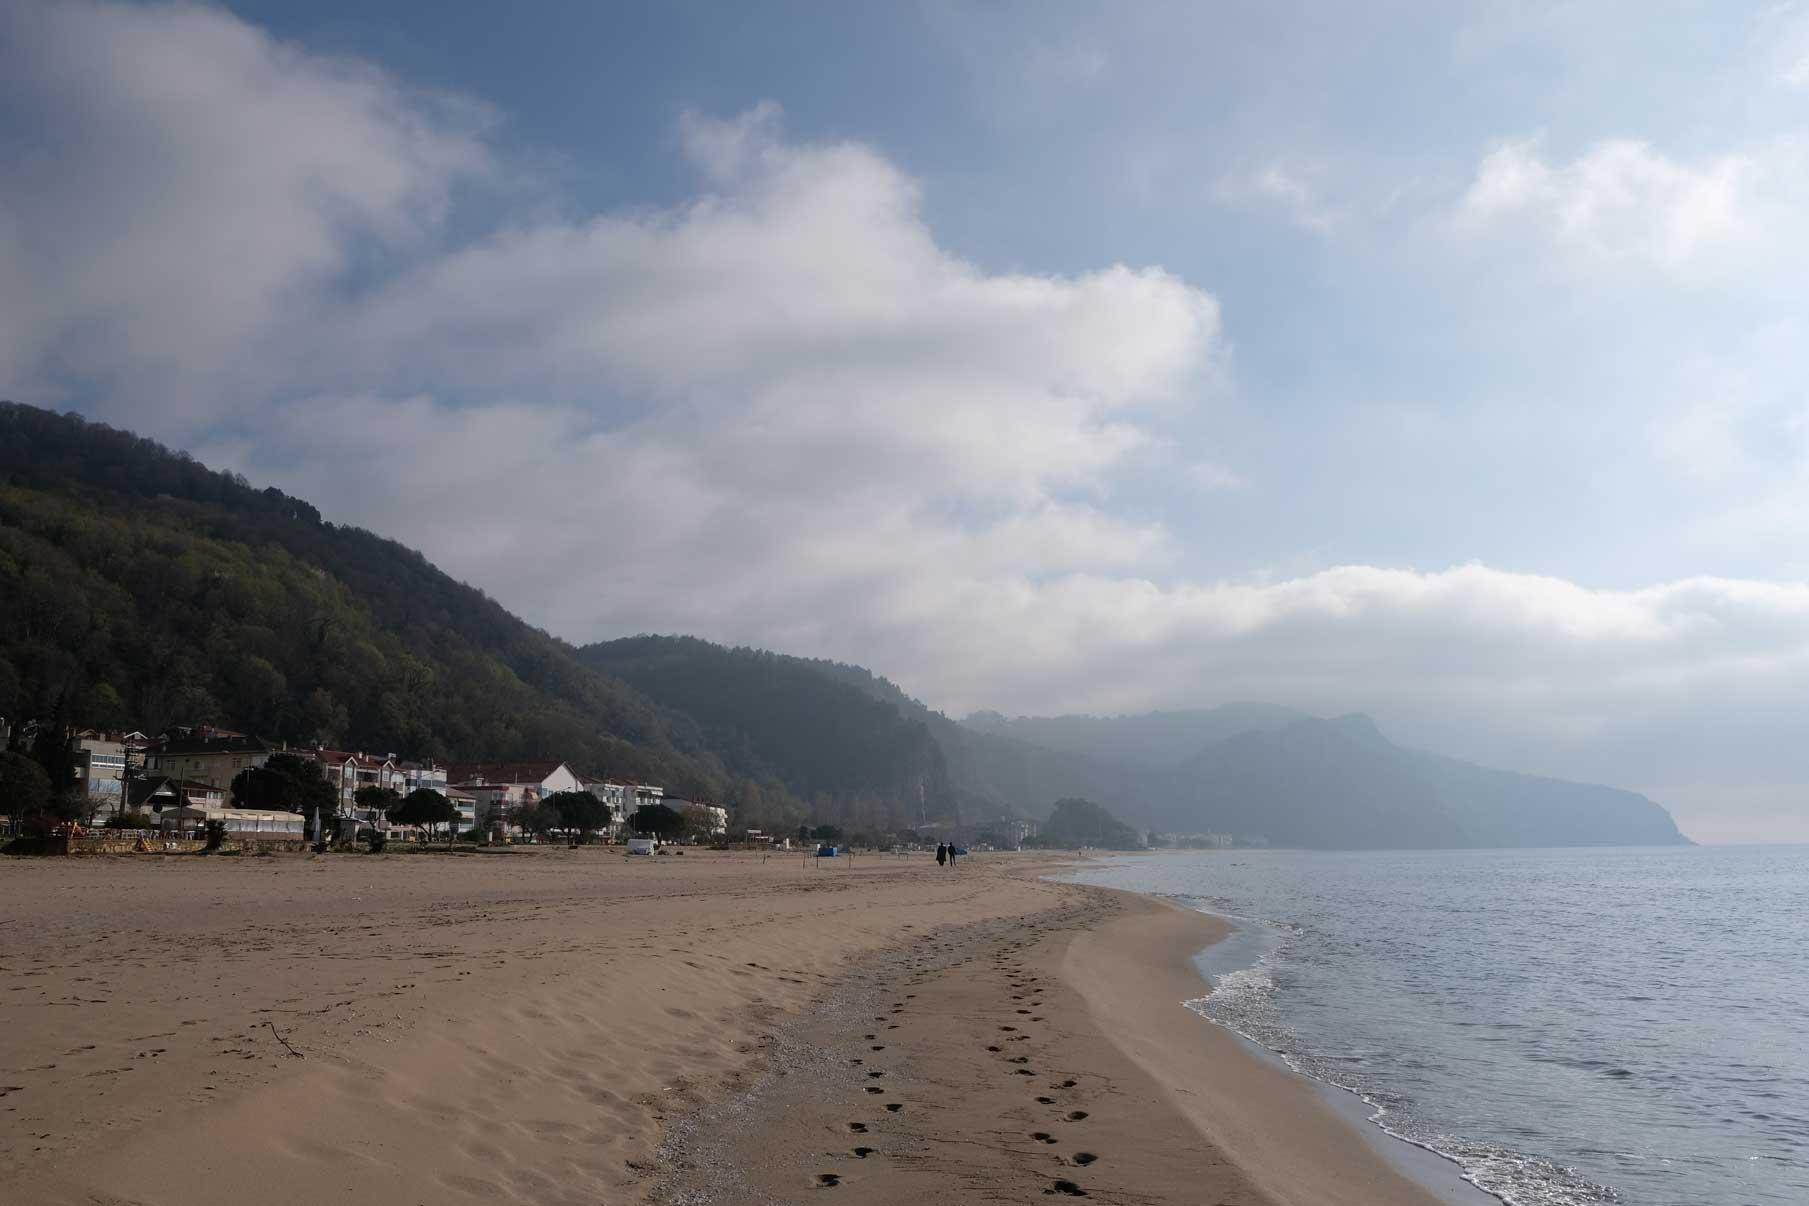 Der Strand von Inkum